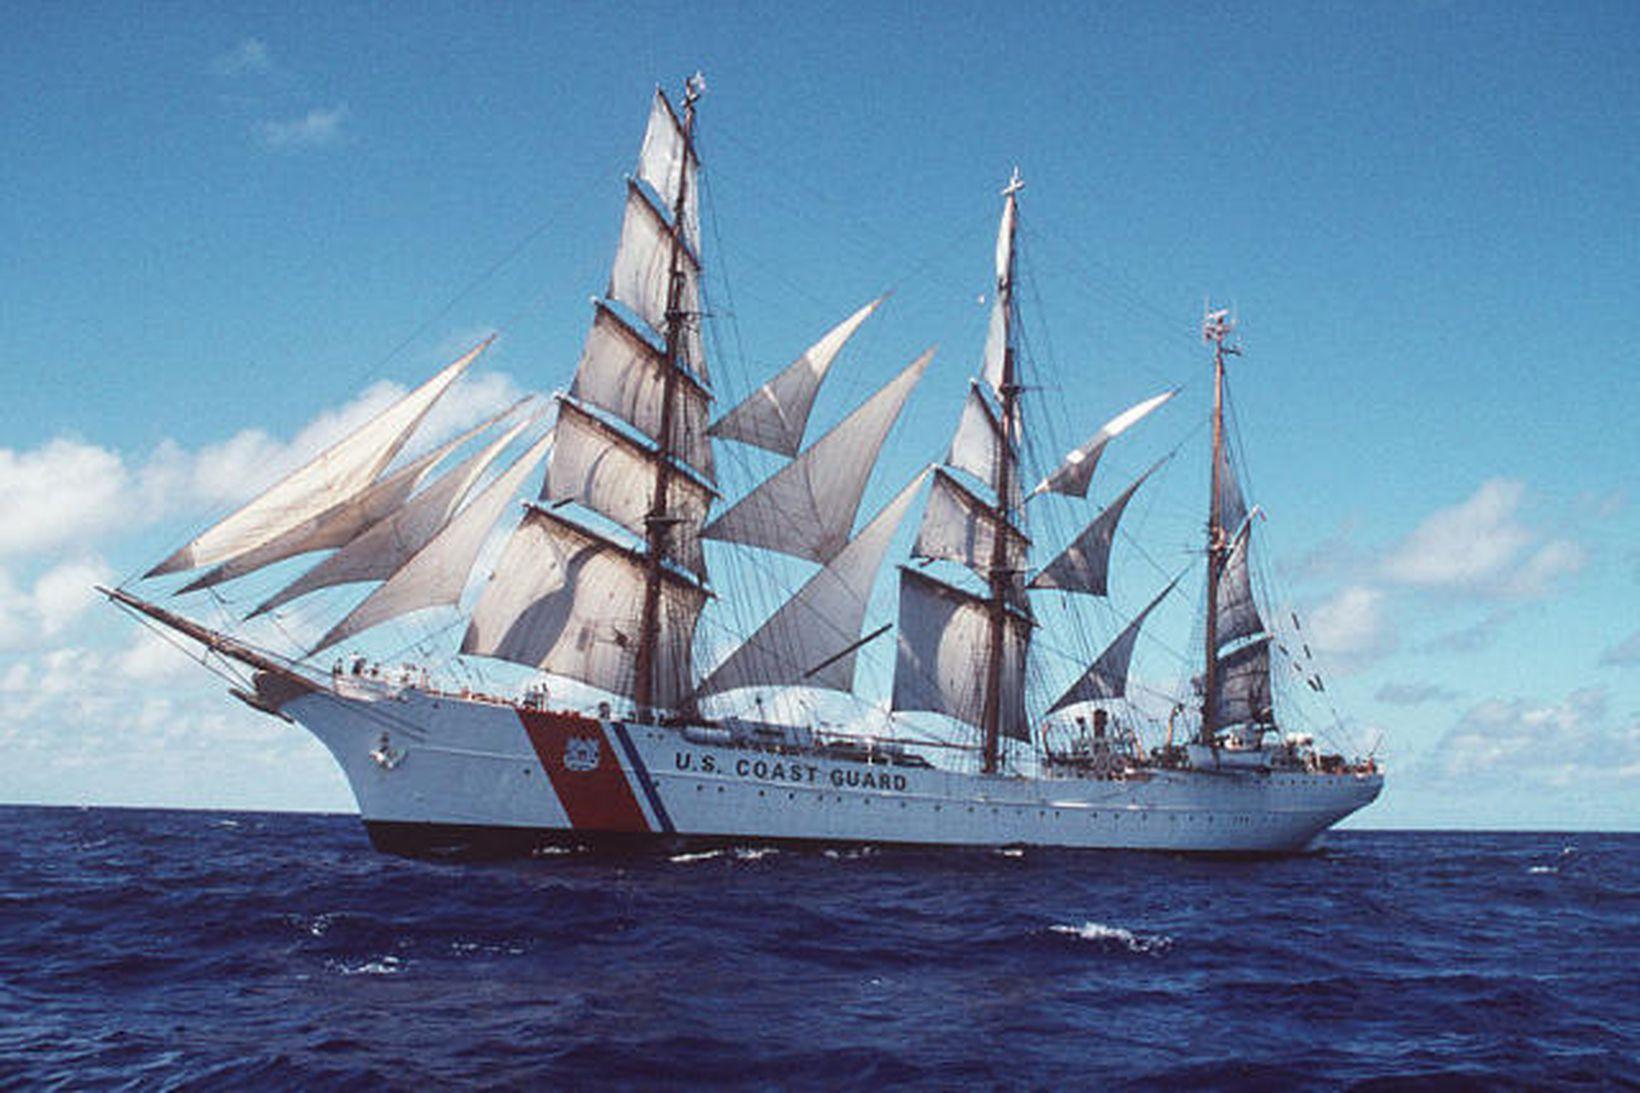 Bandaríska seglskipið USCGC Eagle WIX-327.